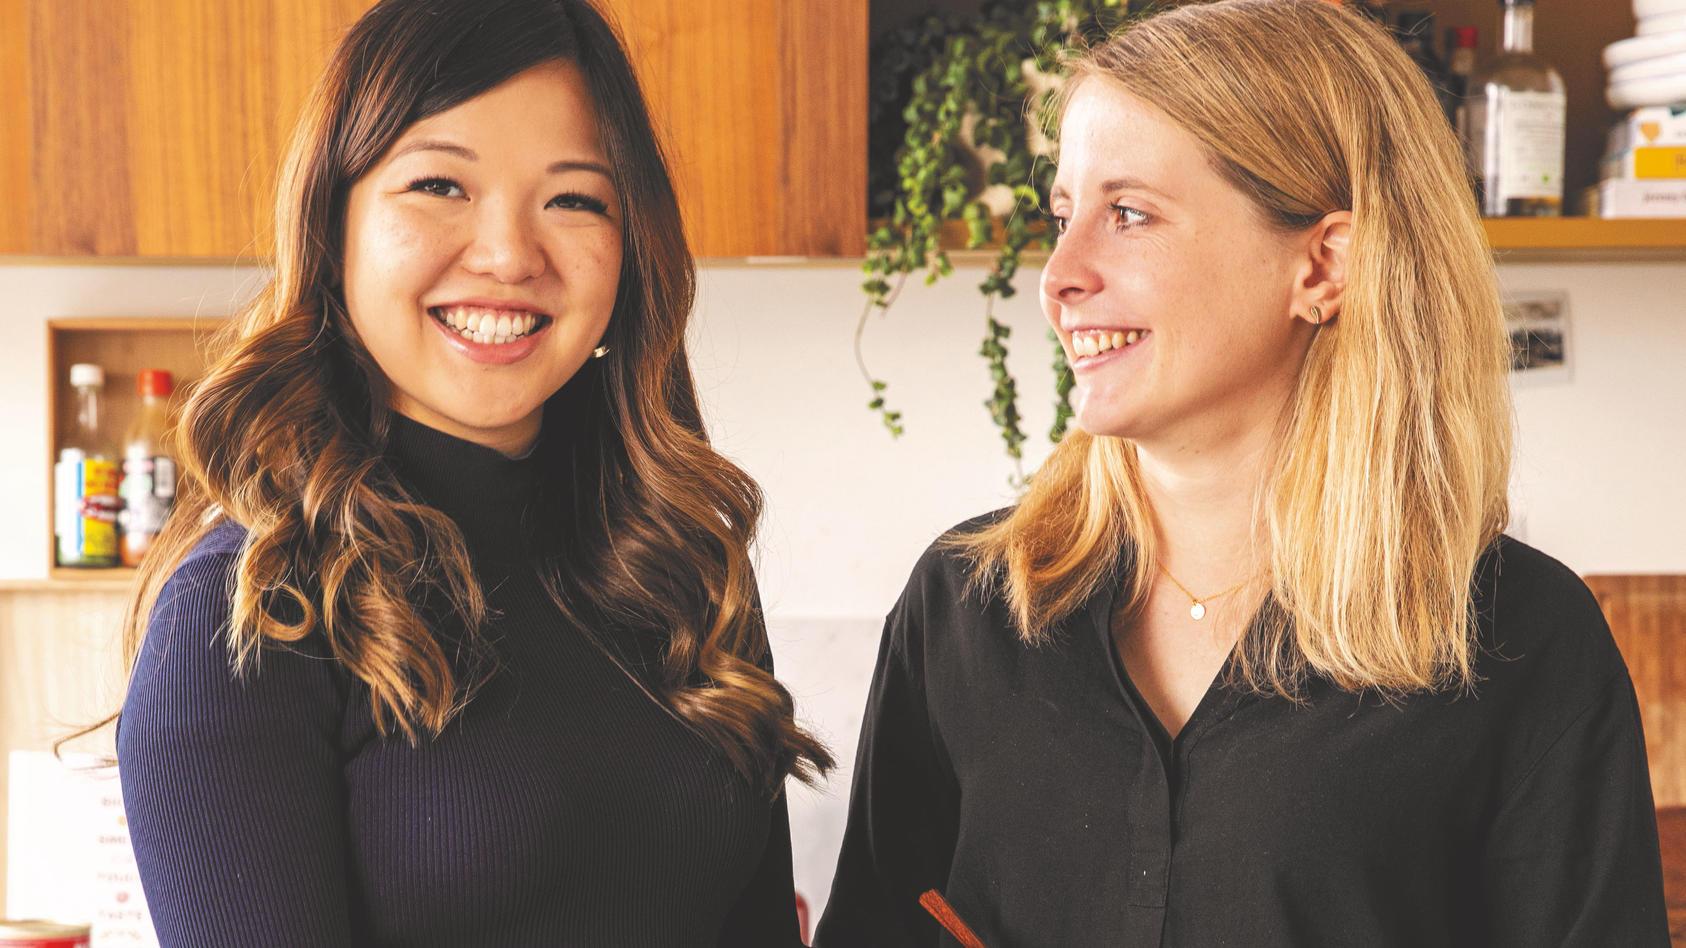 Kitchen-Stories-Gründerinnen Mengting Gao (l.) und Verena Hubertz